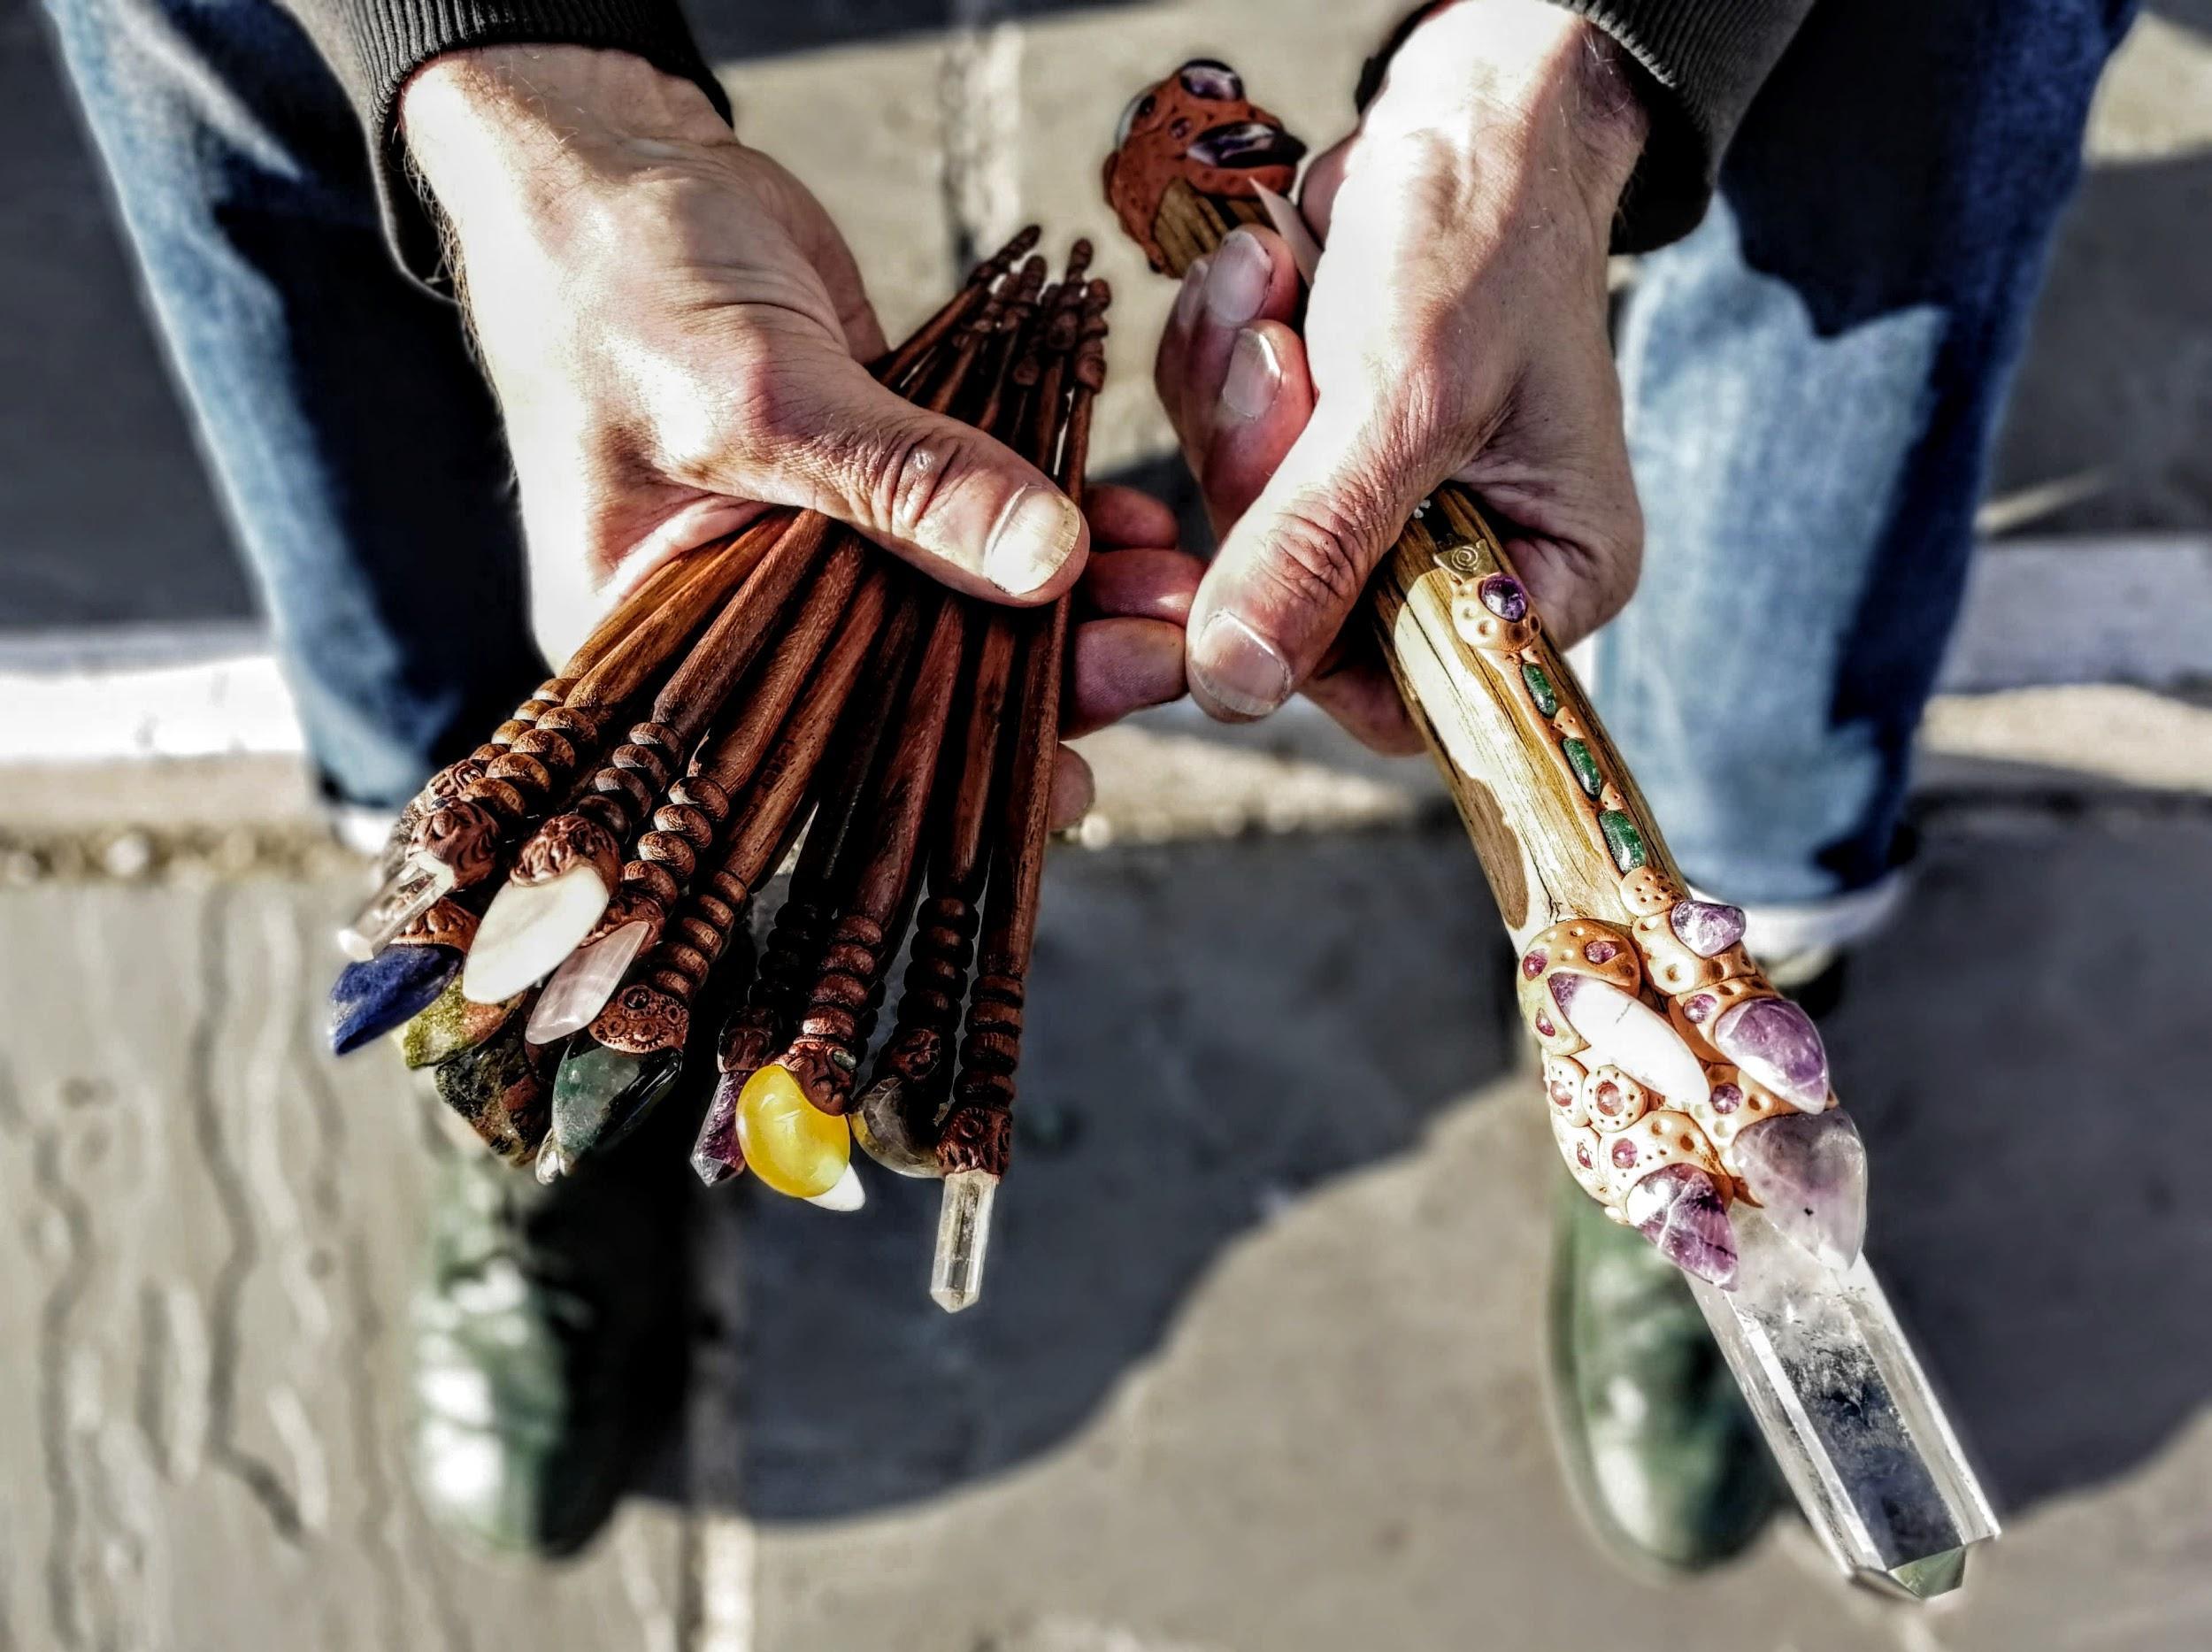 Greens handmade wands